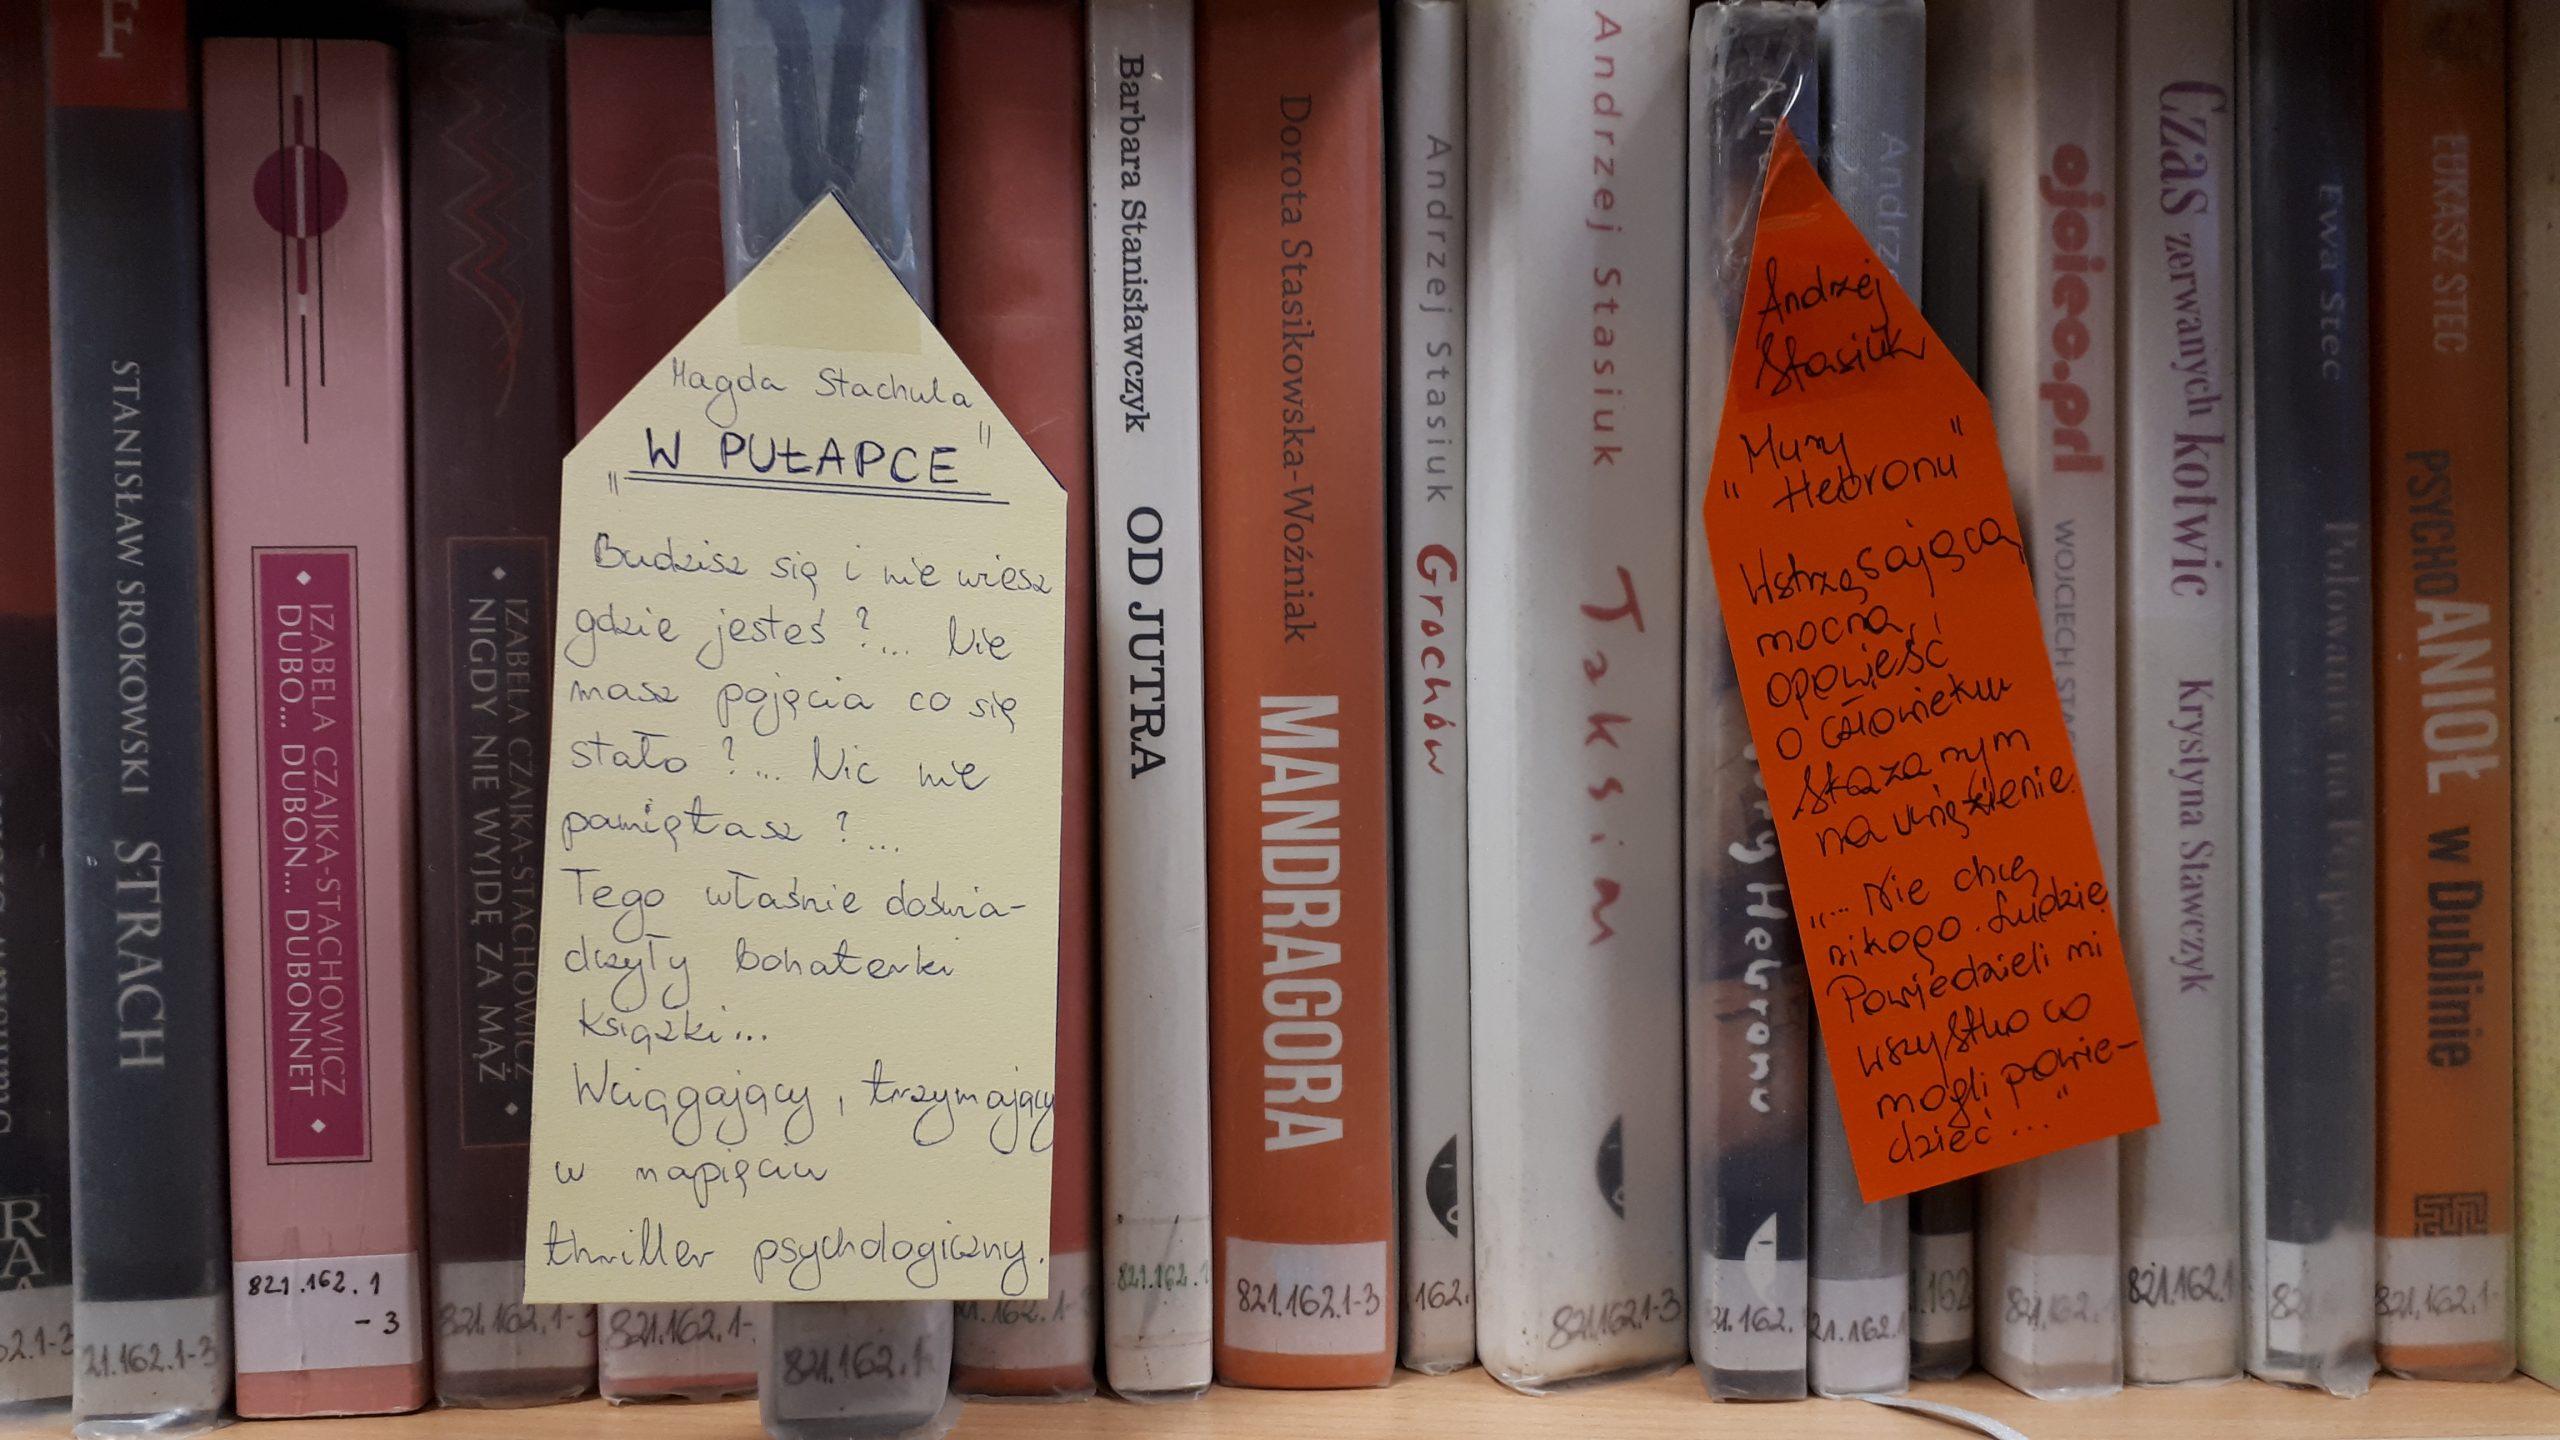 Książki polecają się w bibliotece